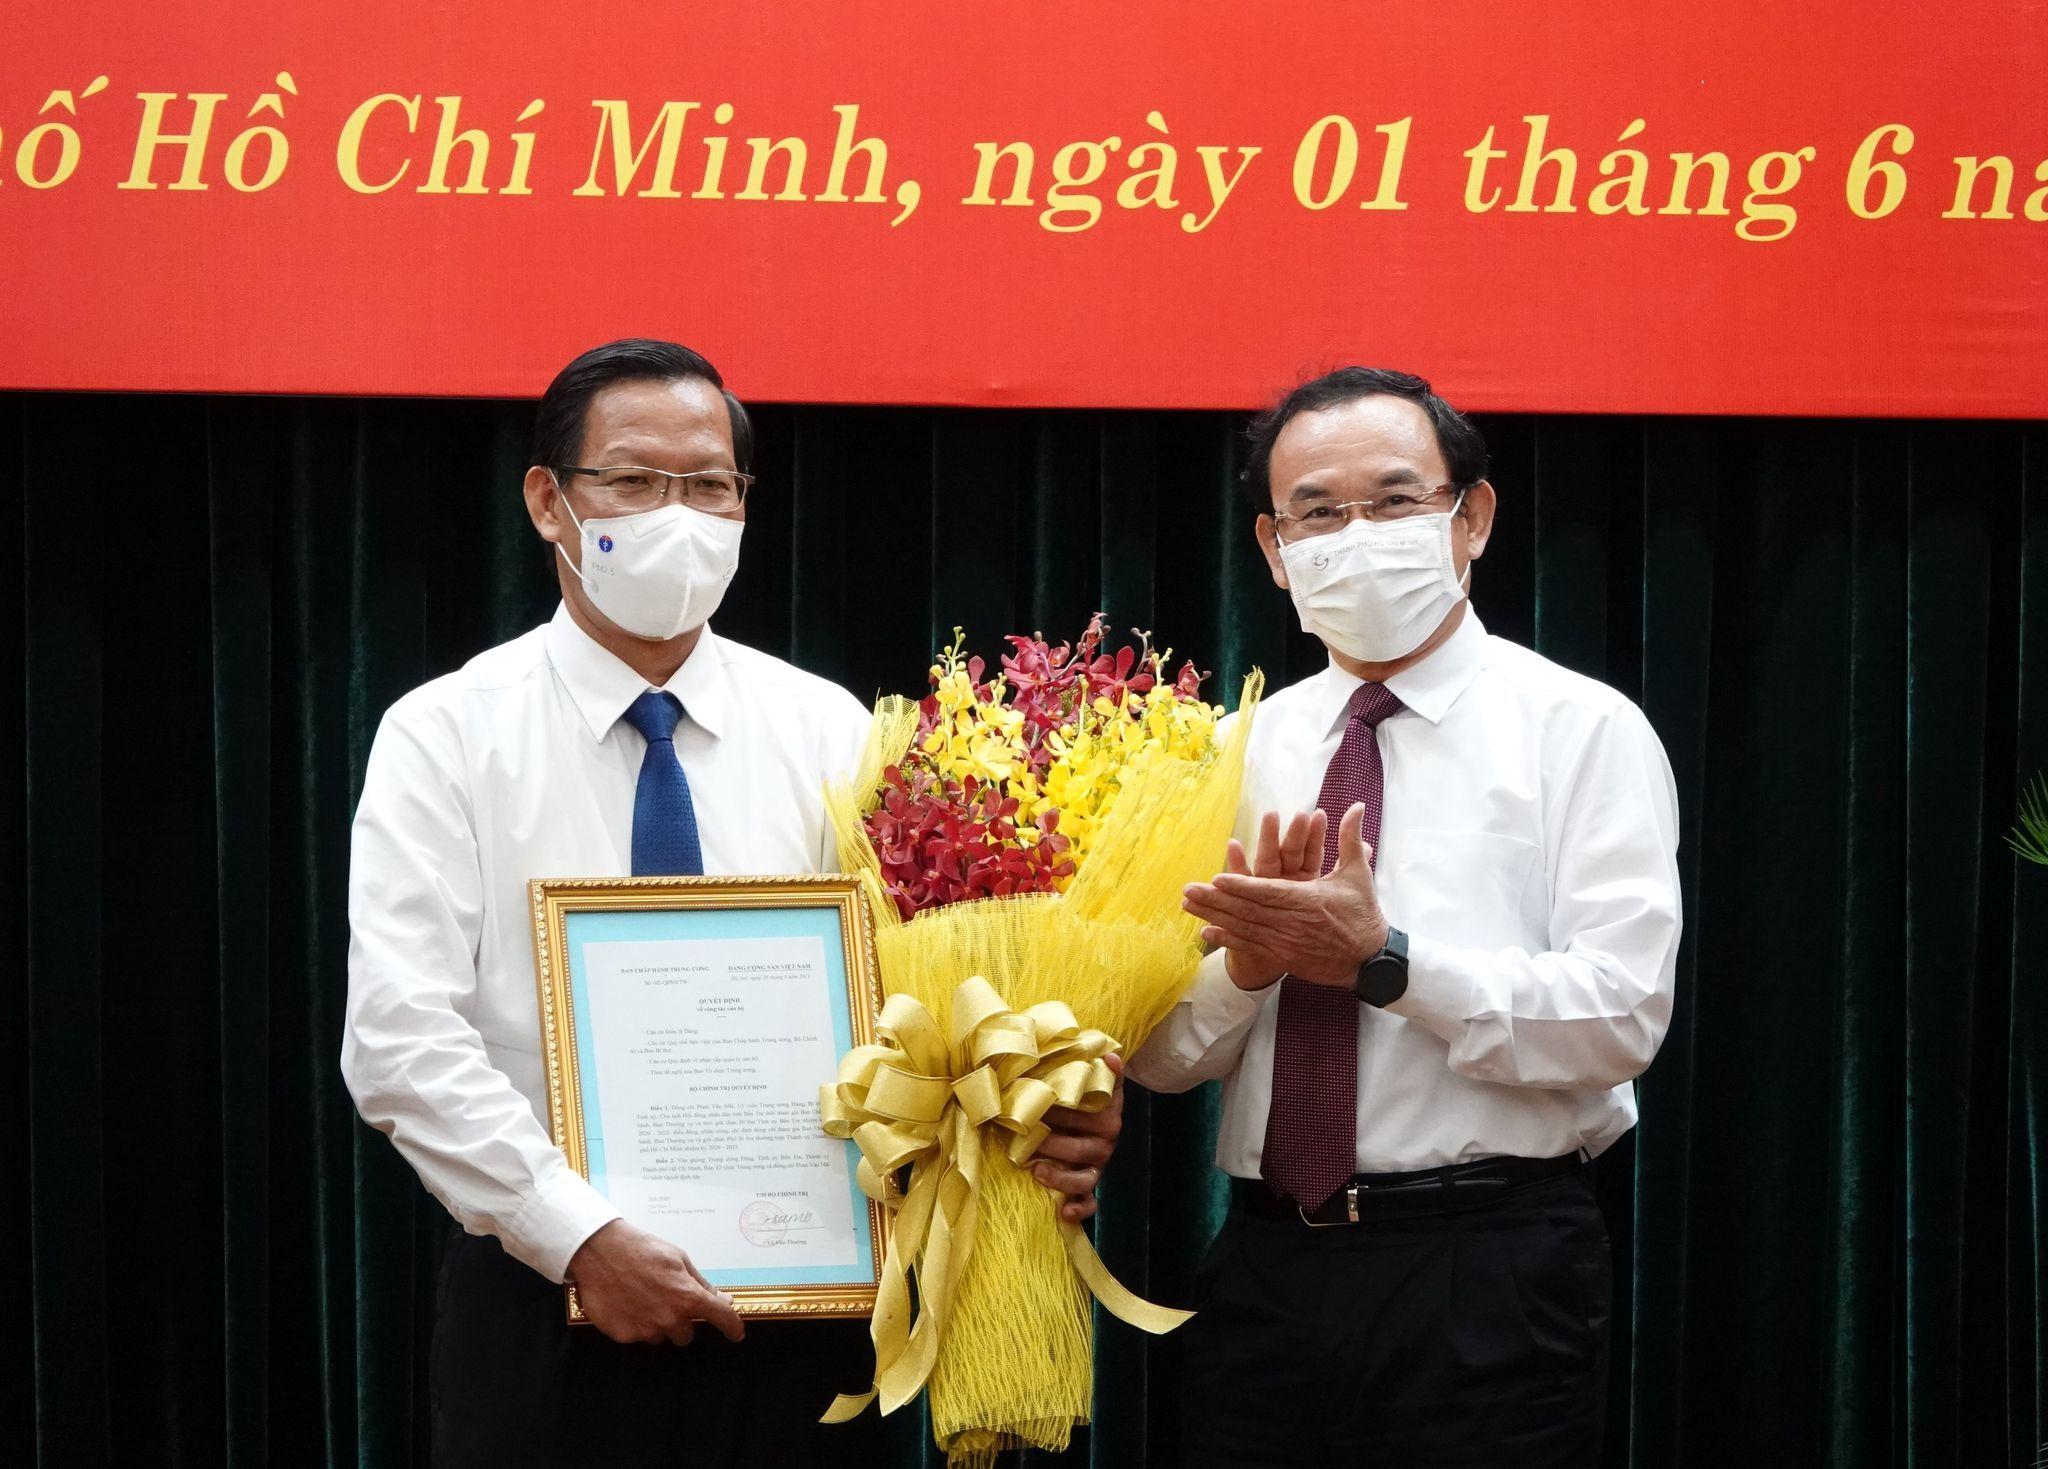 Ông Phan Văn Mãi làm Phó Bí thư Thường trực Thành ủy TP.HCM